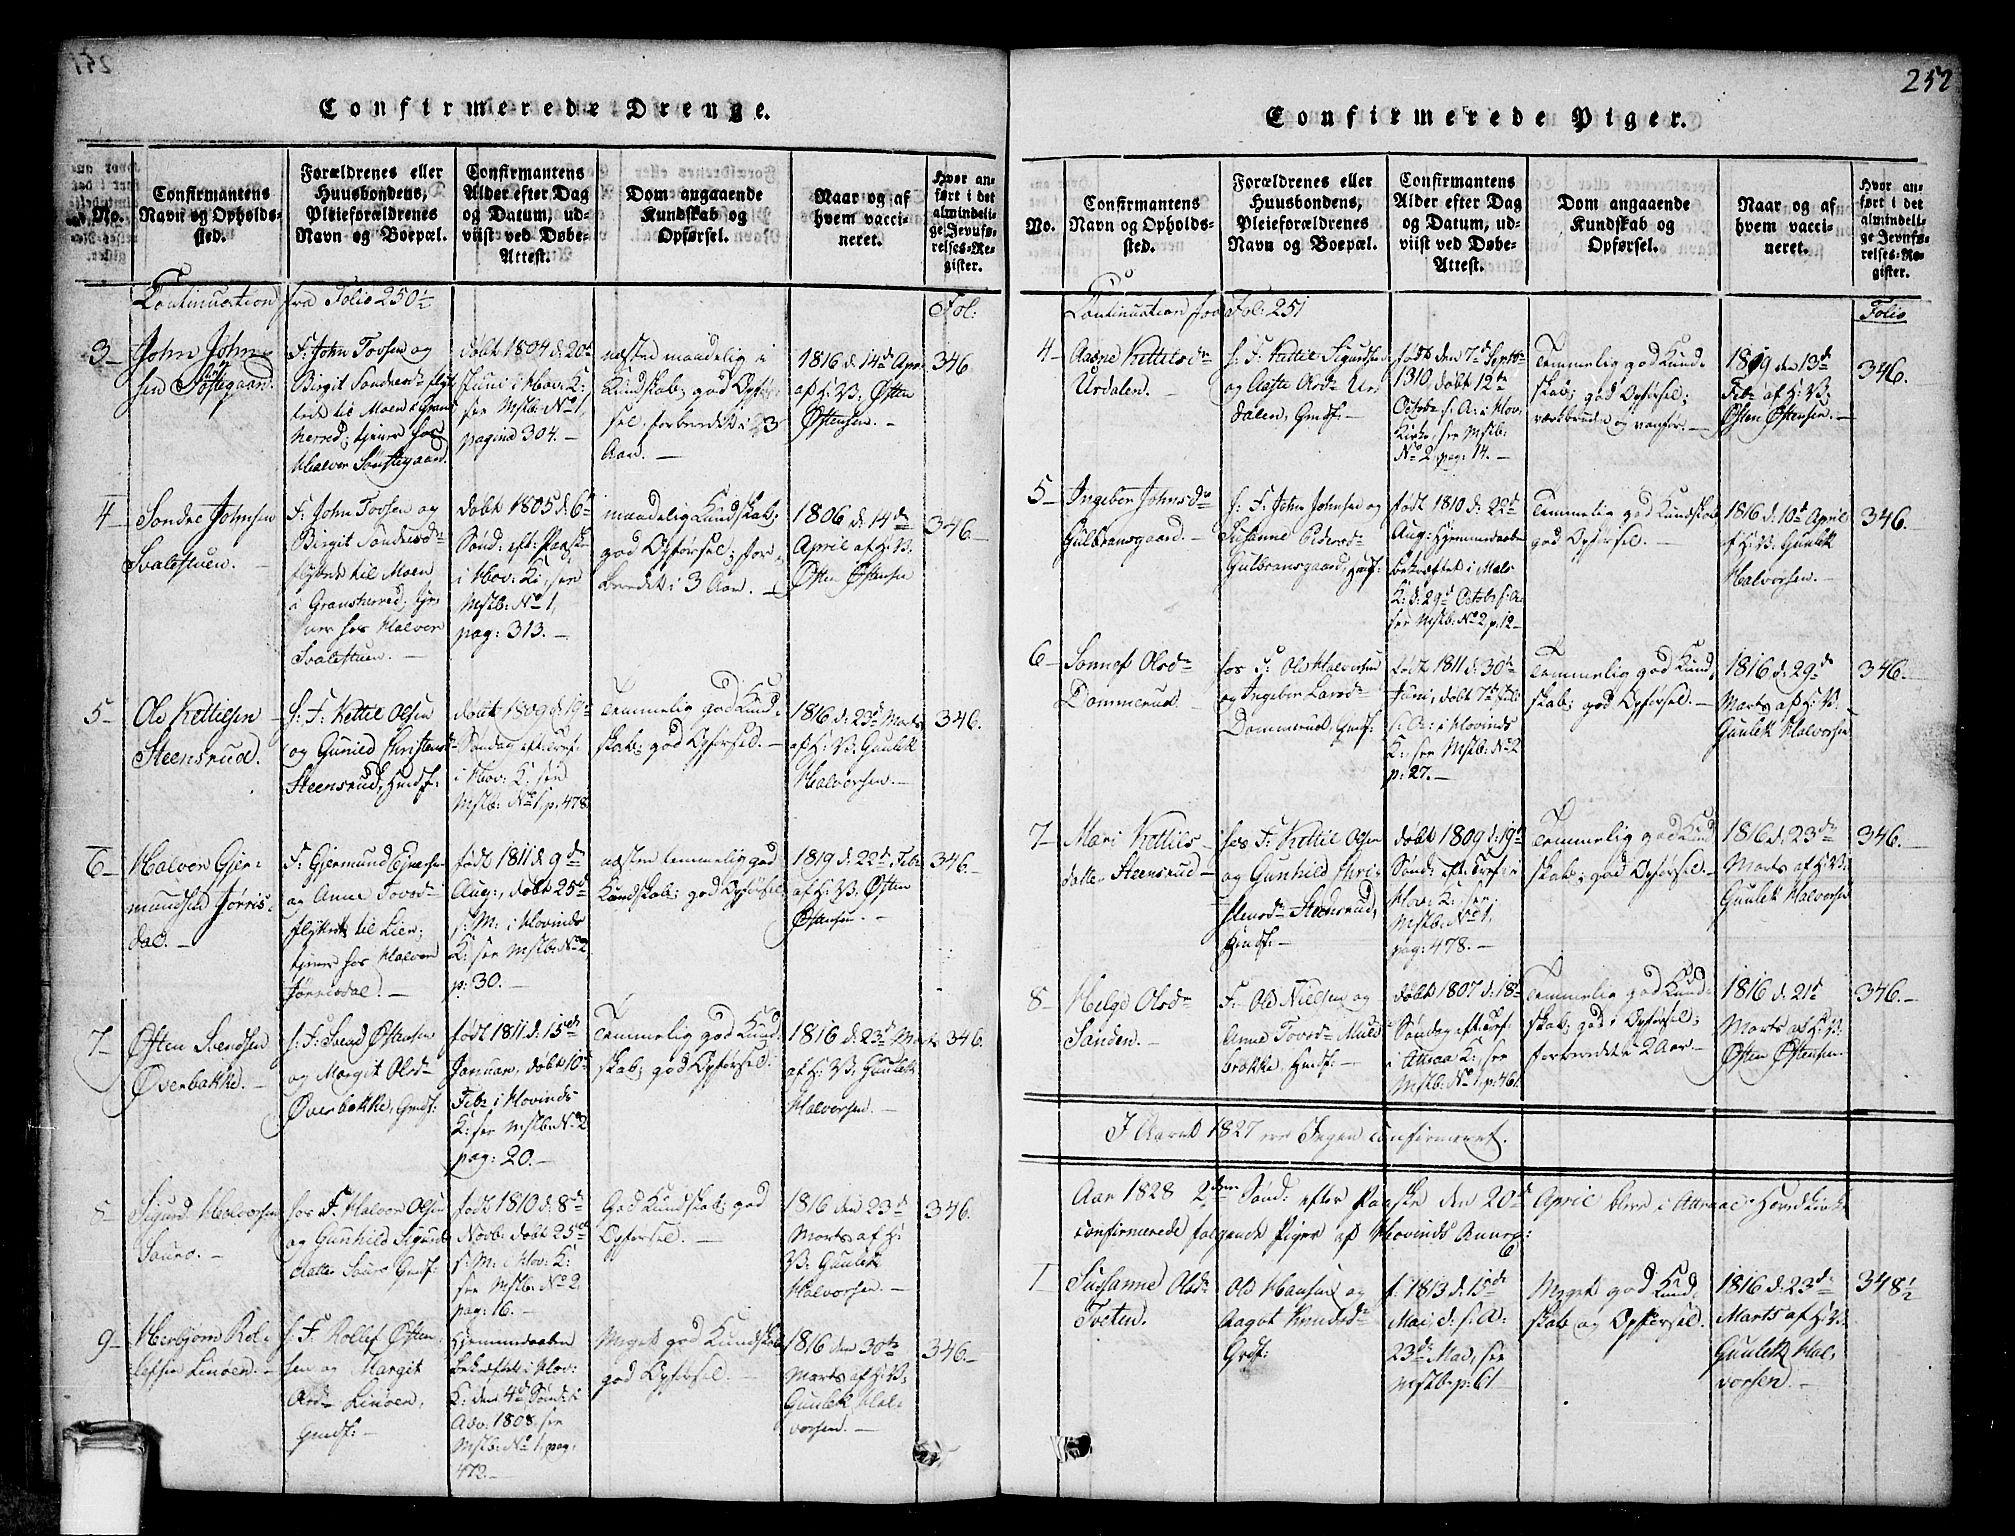 SAKO, Gransherad kirkebøker, G/Gb/L0001: Klokkerbok nr. II 1, 1815-1860, s. 252